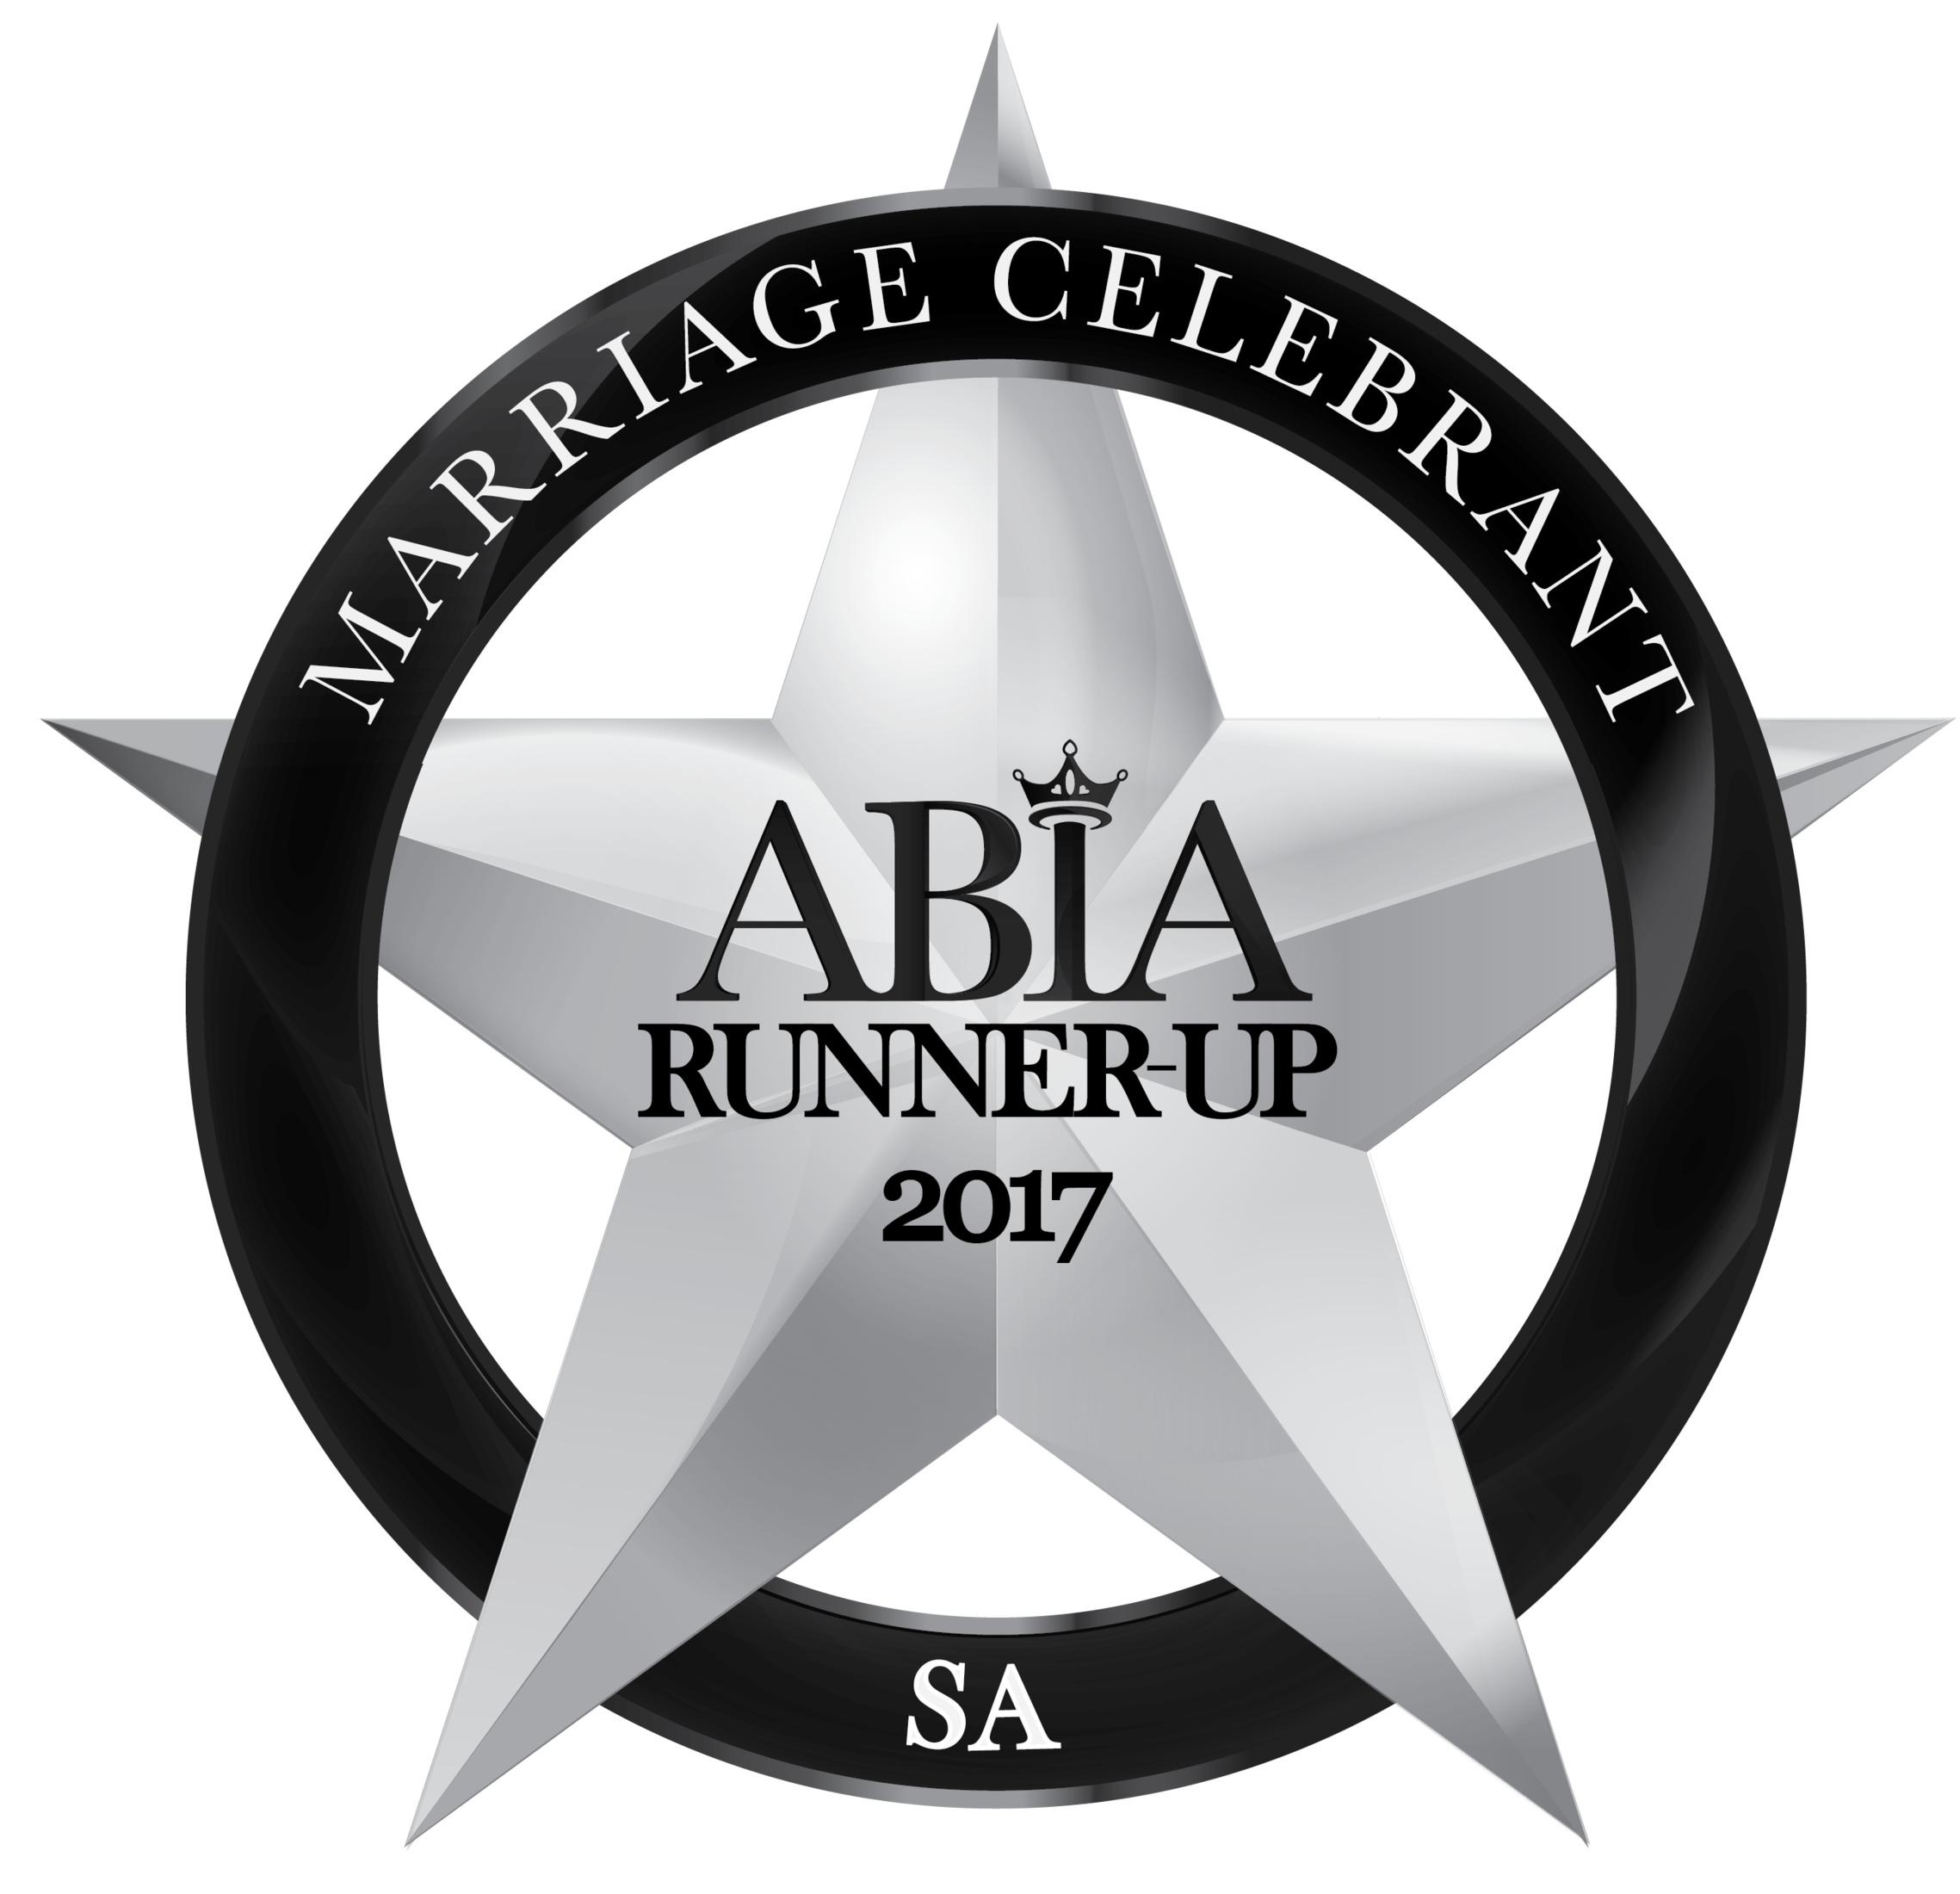 Camille Abbott Marriage Celebrant 2017 Runner up ABIA Awards